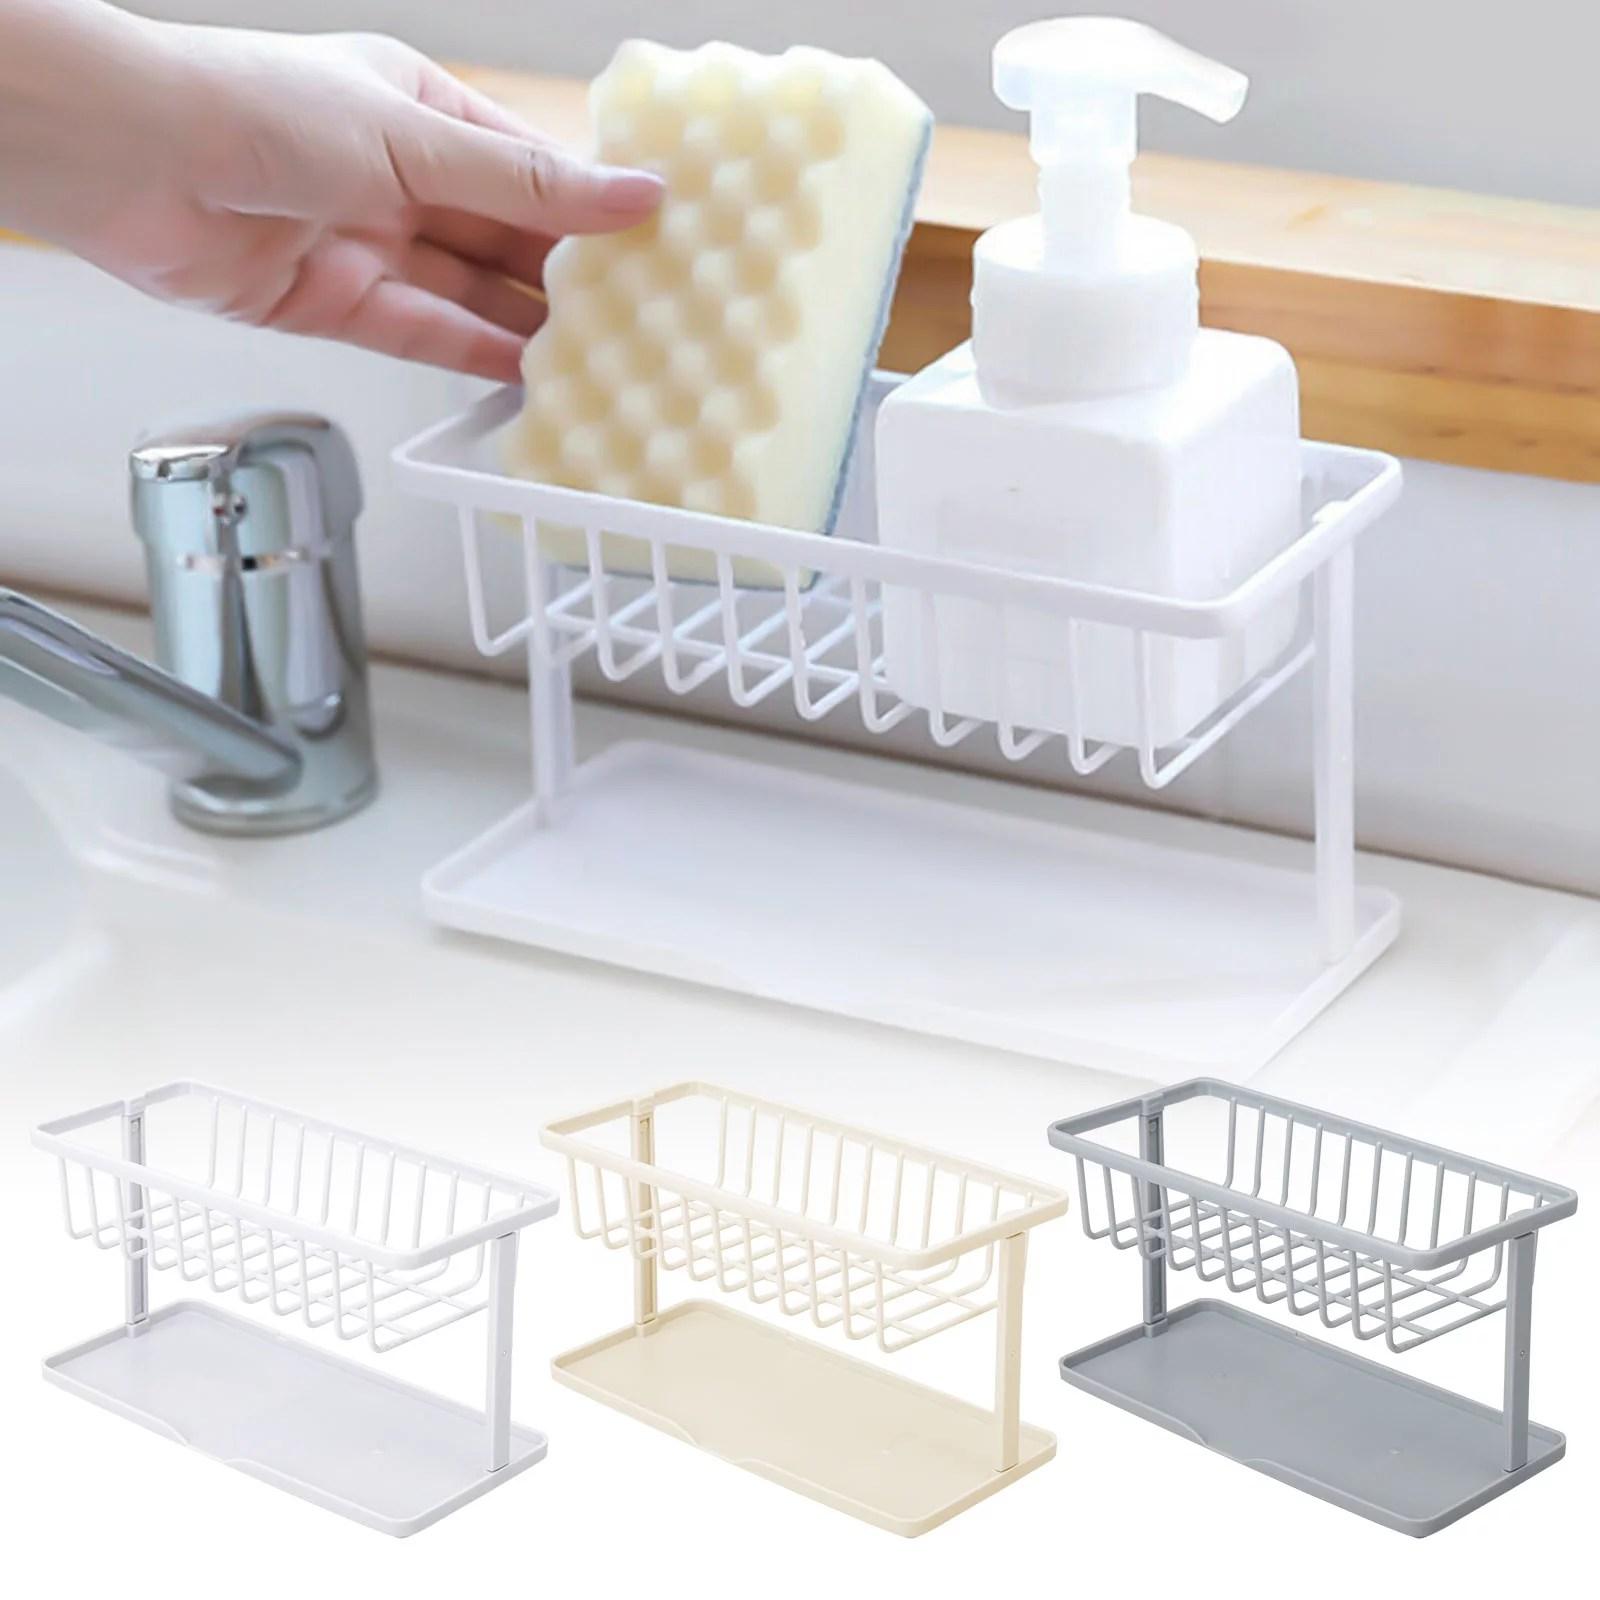 kitchen sink caddy sponge holder kitchen sink tidy holder sink organizer brush soap holder sink tray drainer rack abs plastic sink caddy with